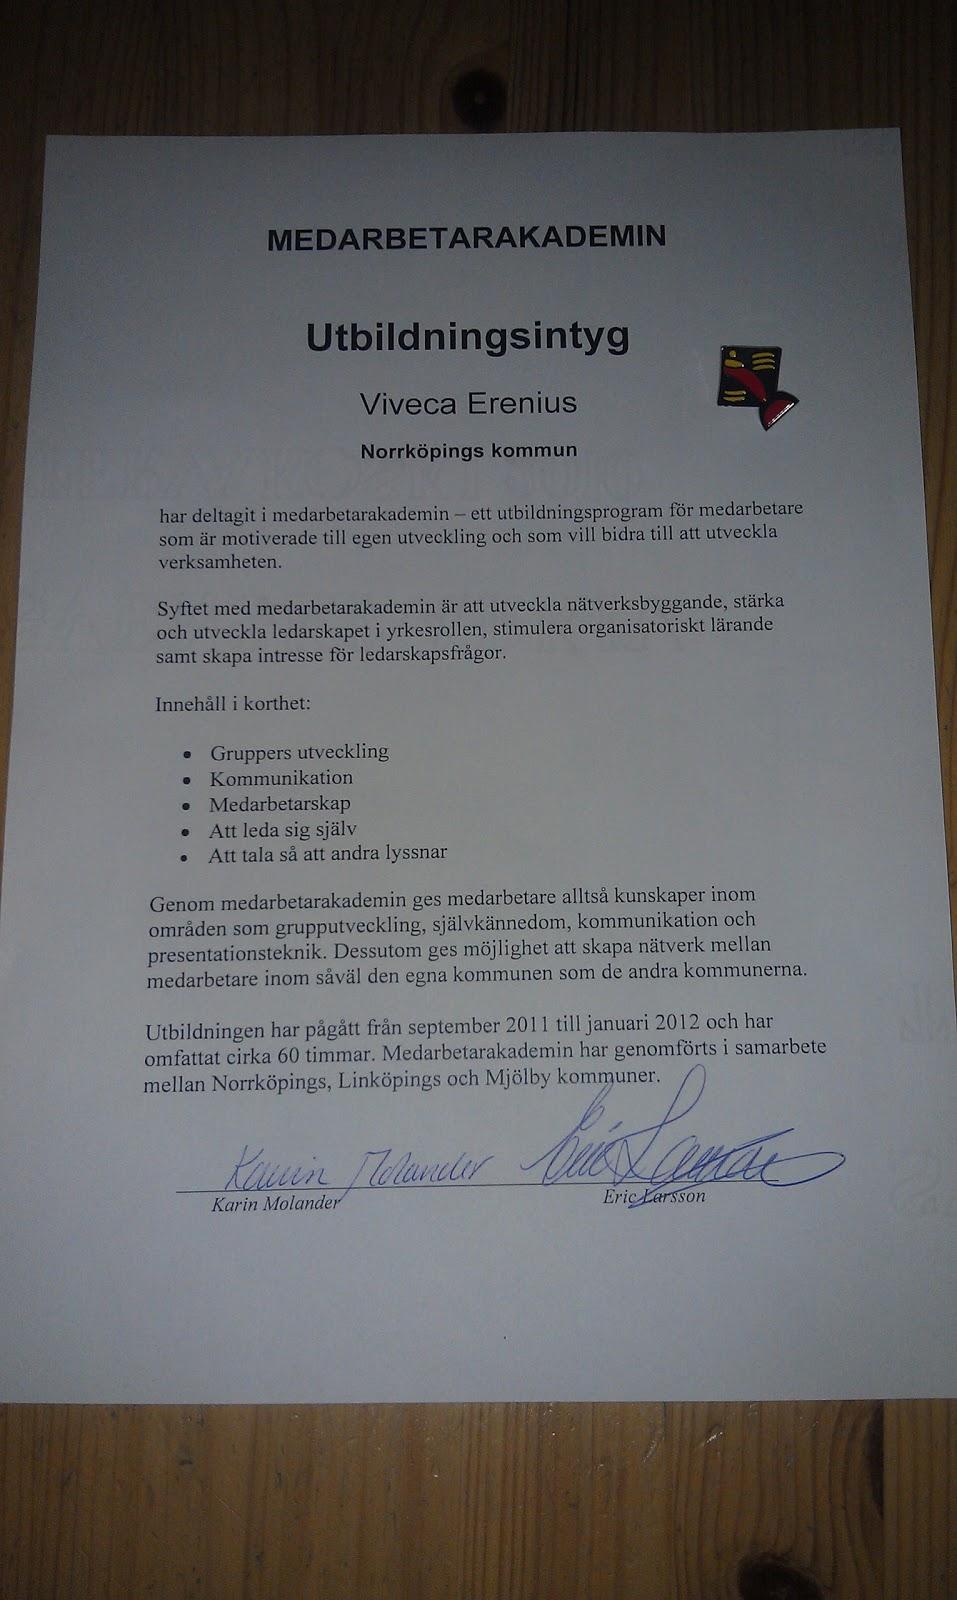 Avdrag Arbeta Hemifrn - Finns det seriösa jobba hemifrn jobb som kan ge lite xtra